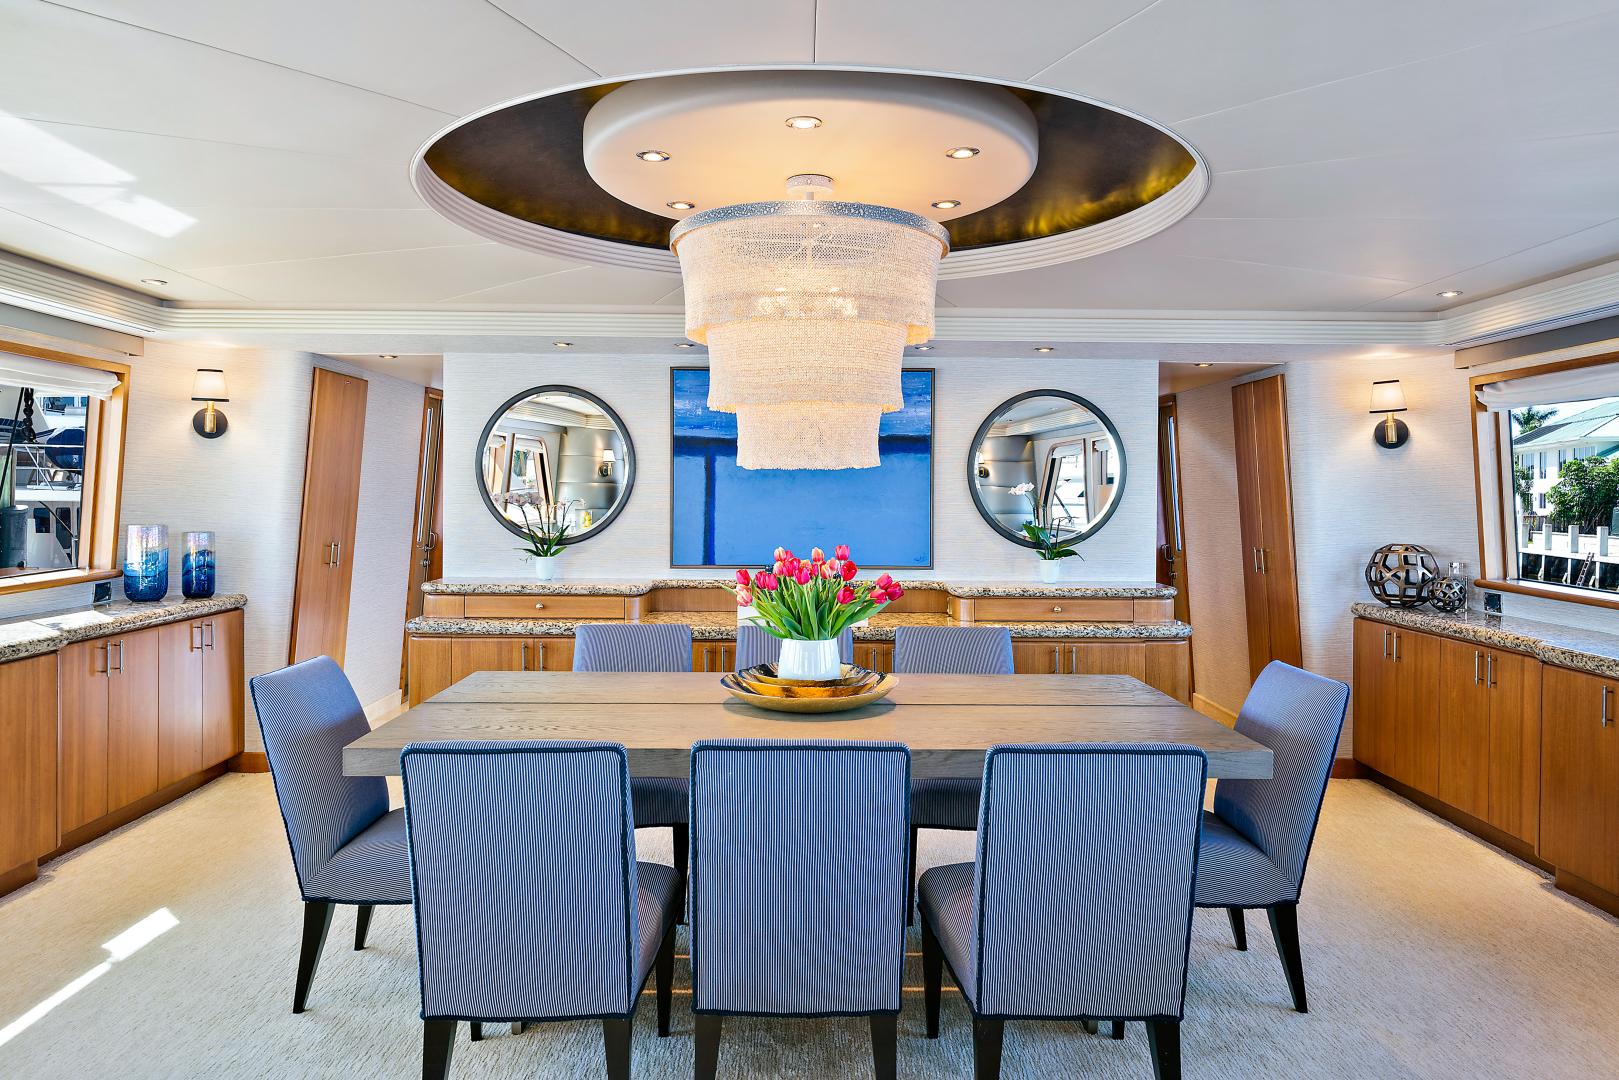 Westport-Raised Pilothouse 2001-Risk & Reward Lighthouse Point-Florida-United States-Dining Area-1549837   Thumbnail